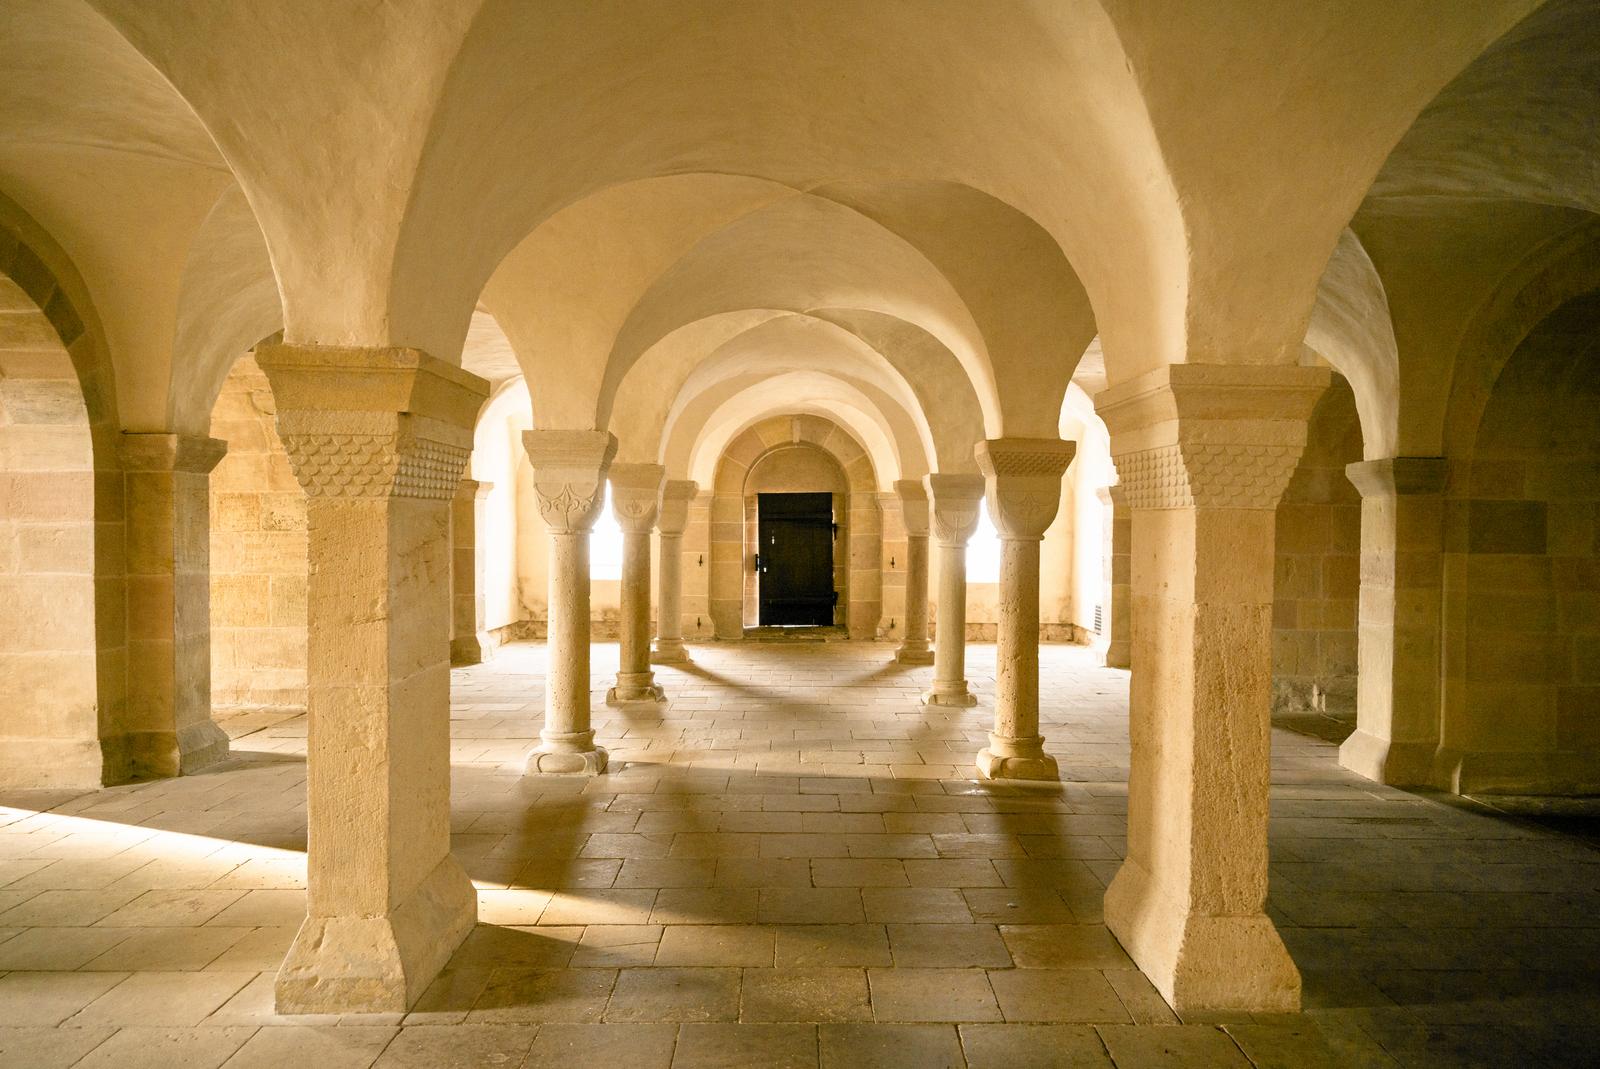 Kloster Lippoldsberg, Germany